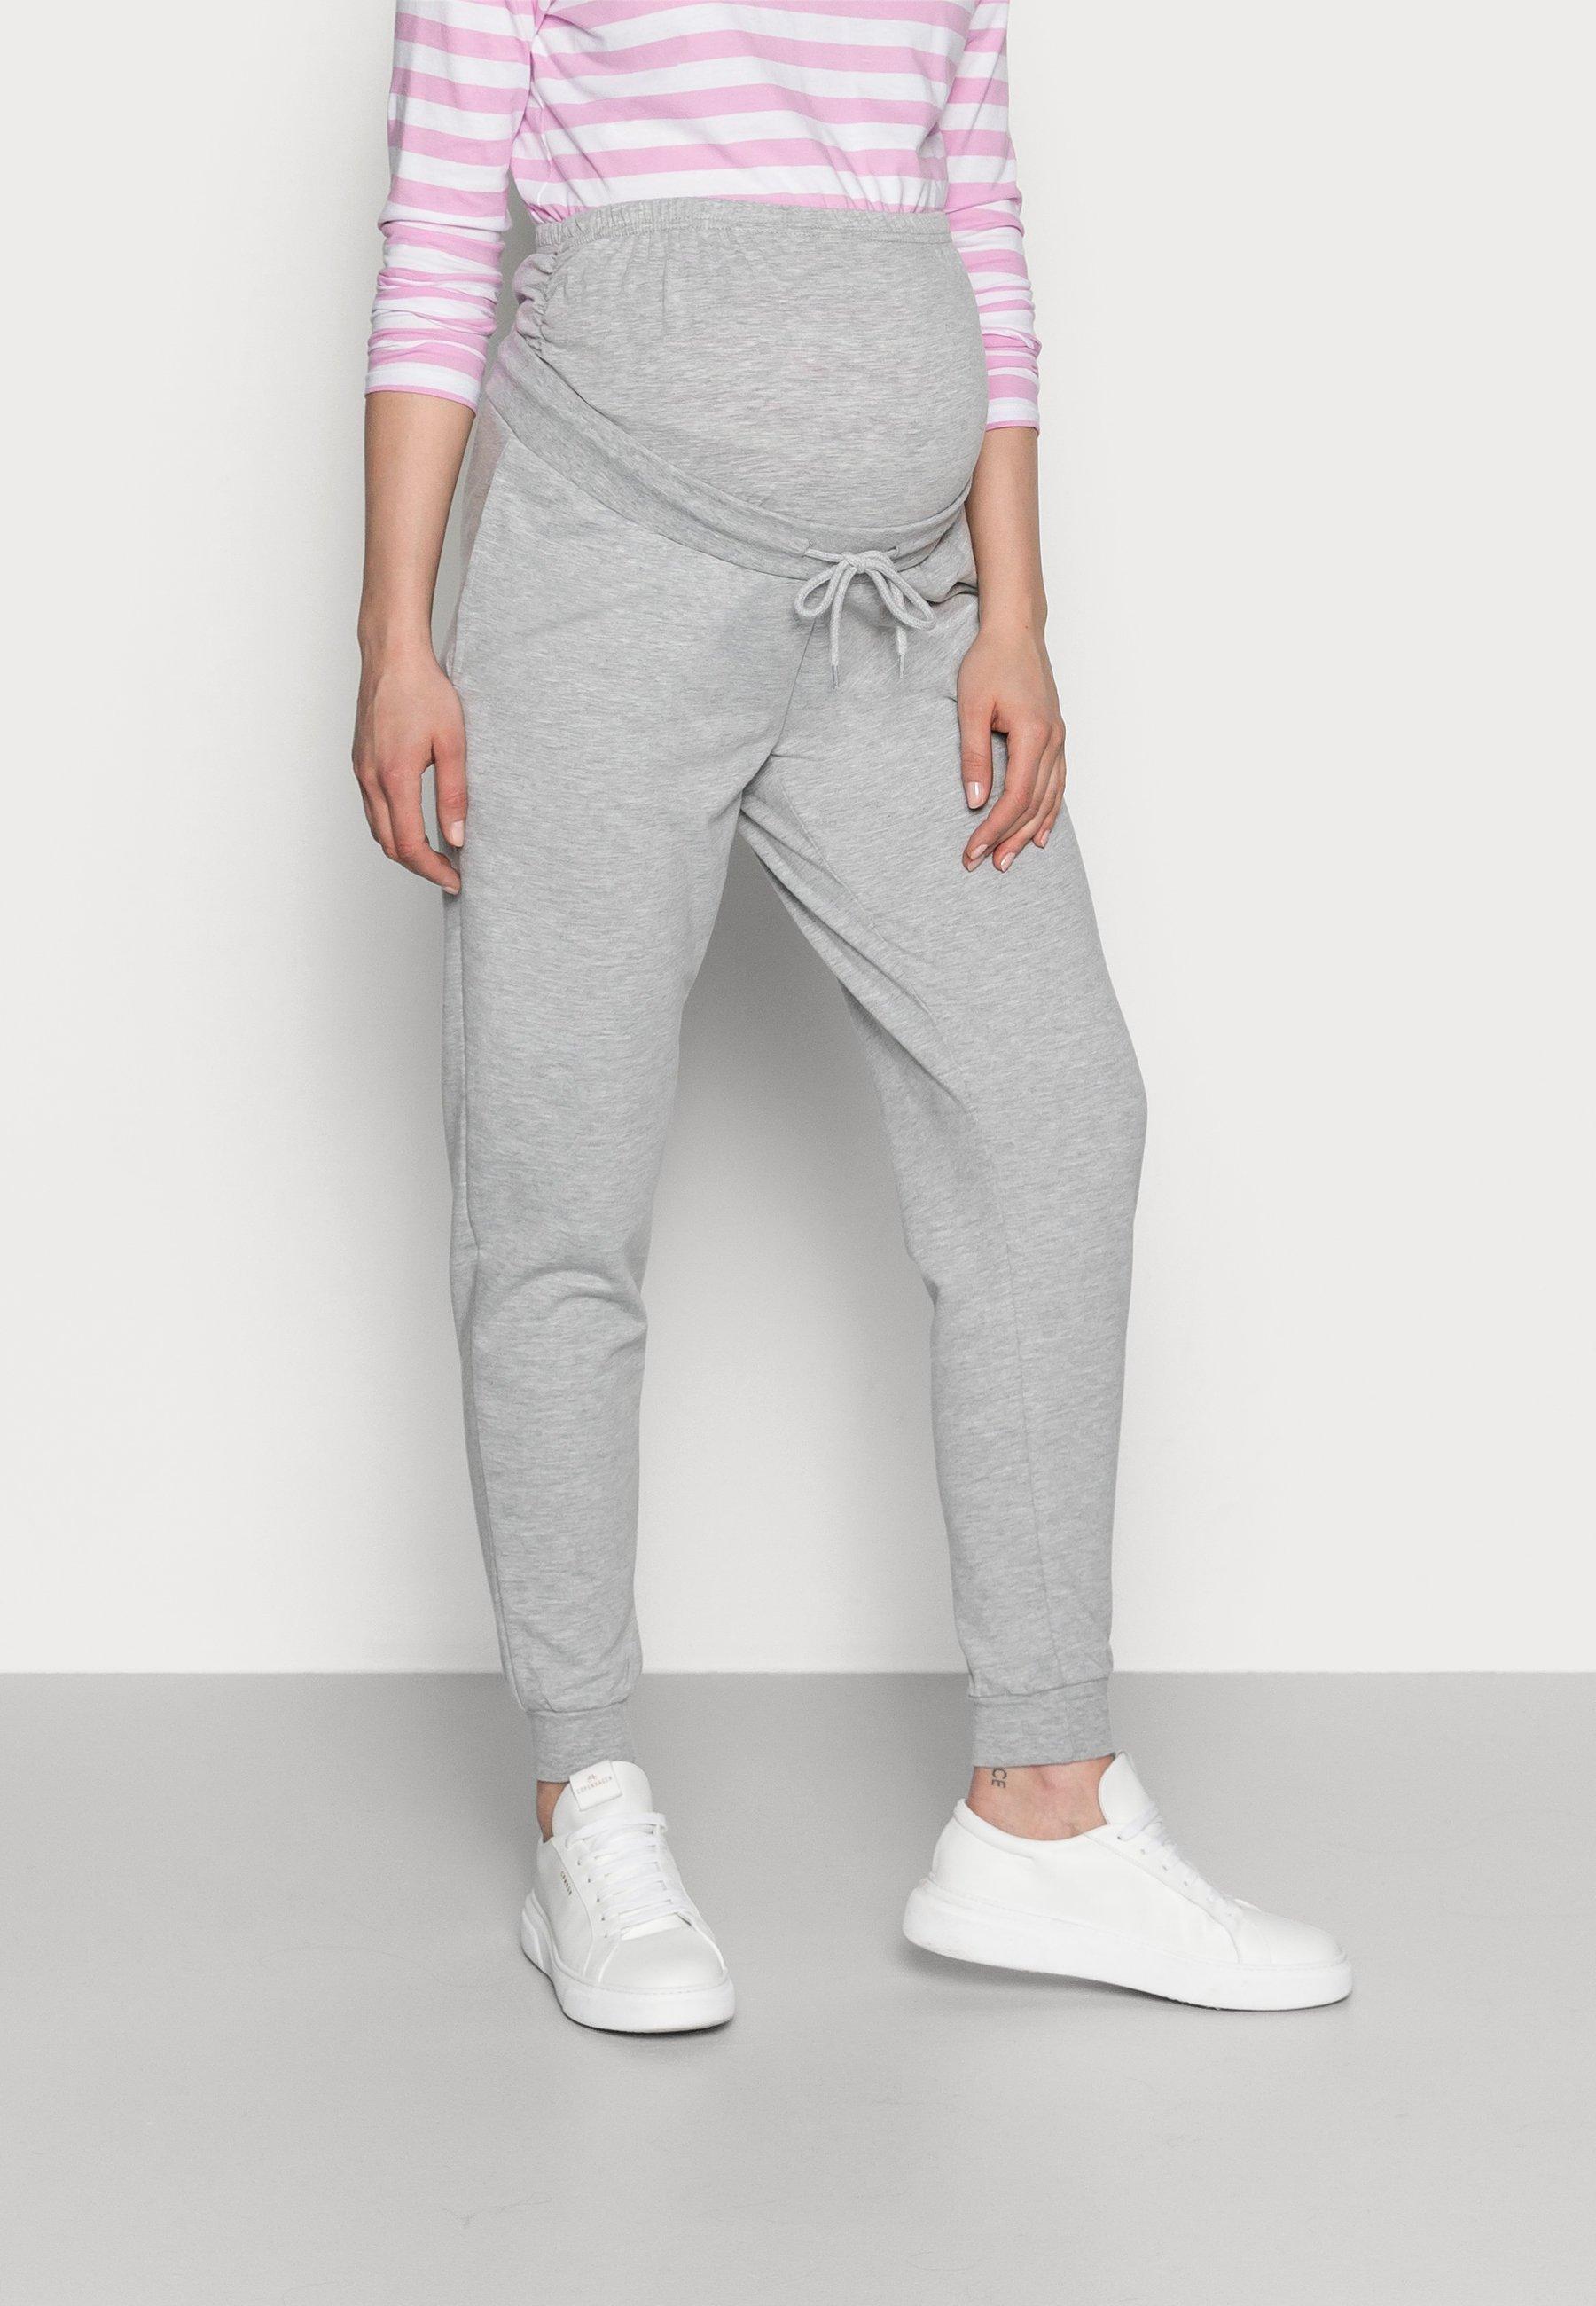 Femme SLIM FIT JOGGERS - OVERBUMP - Pantalon de survêtement